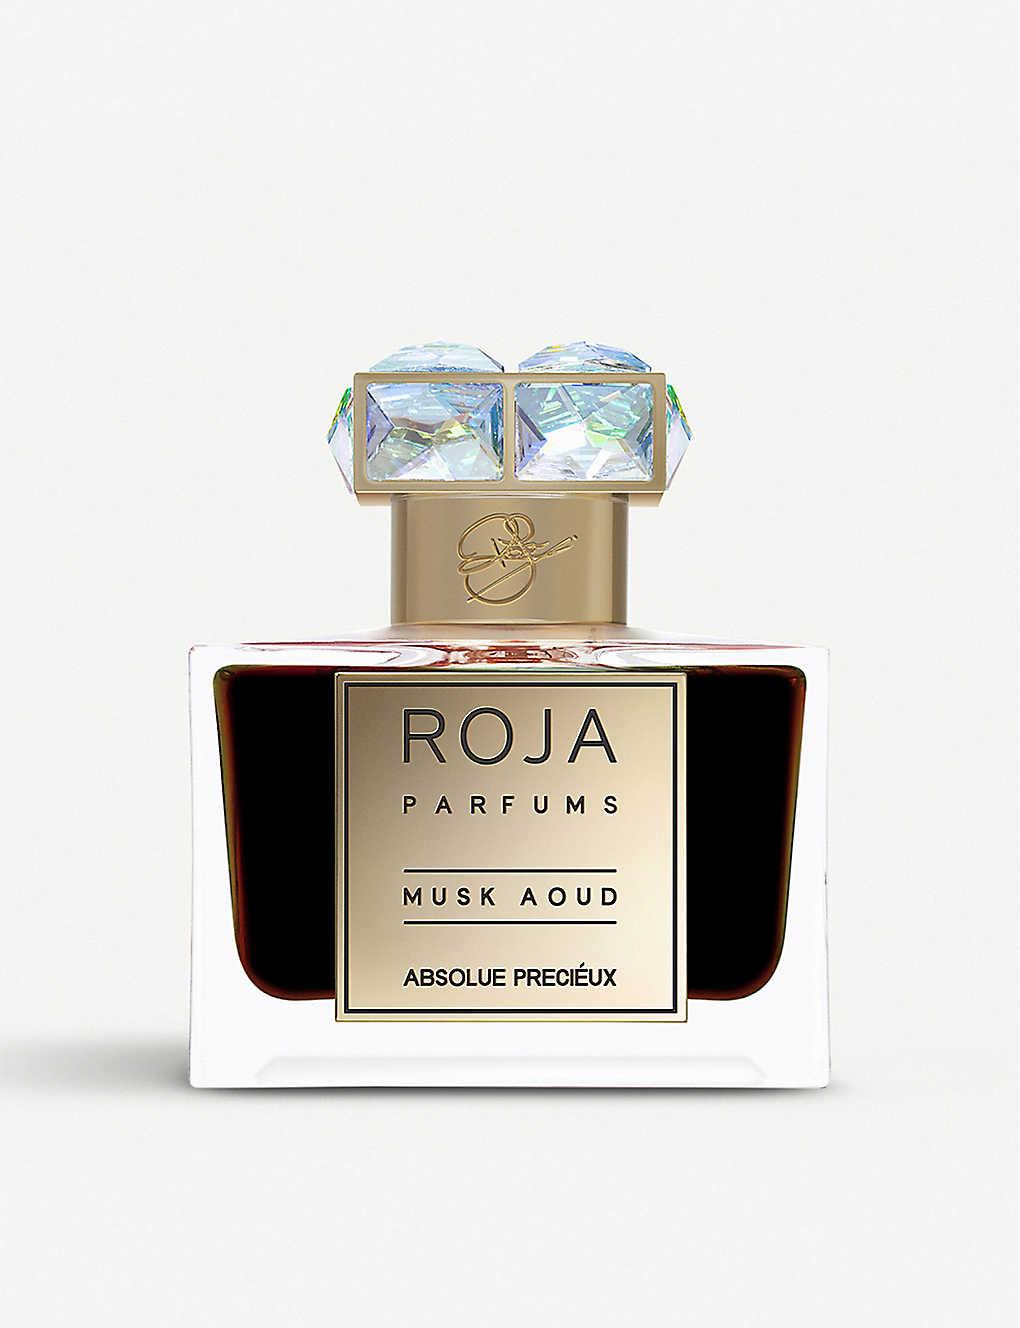 Roja Parfums Musk Aoud Absolue Précieux price